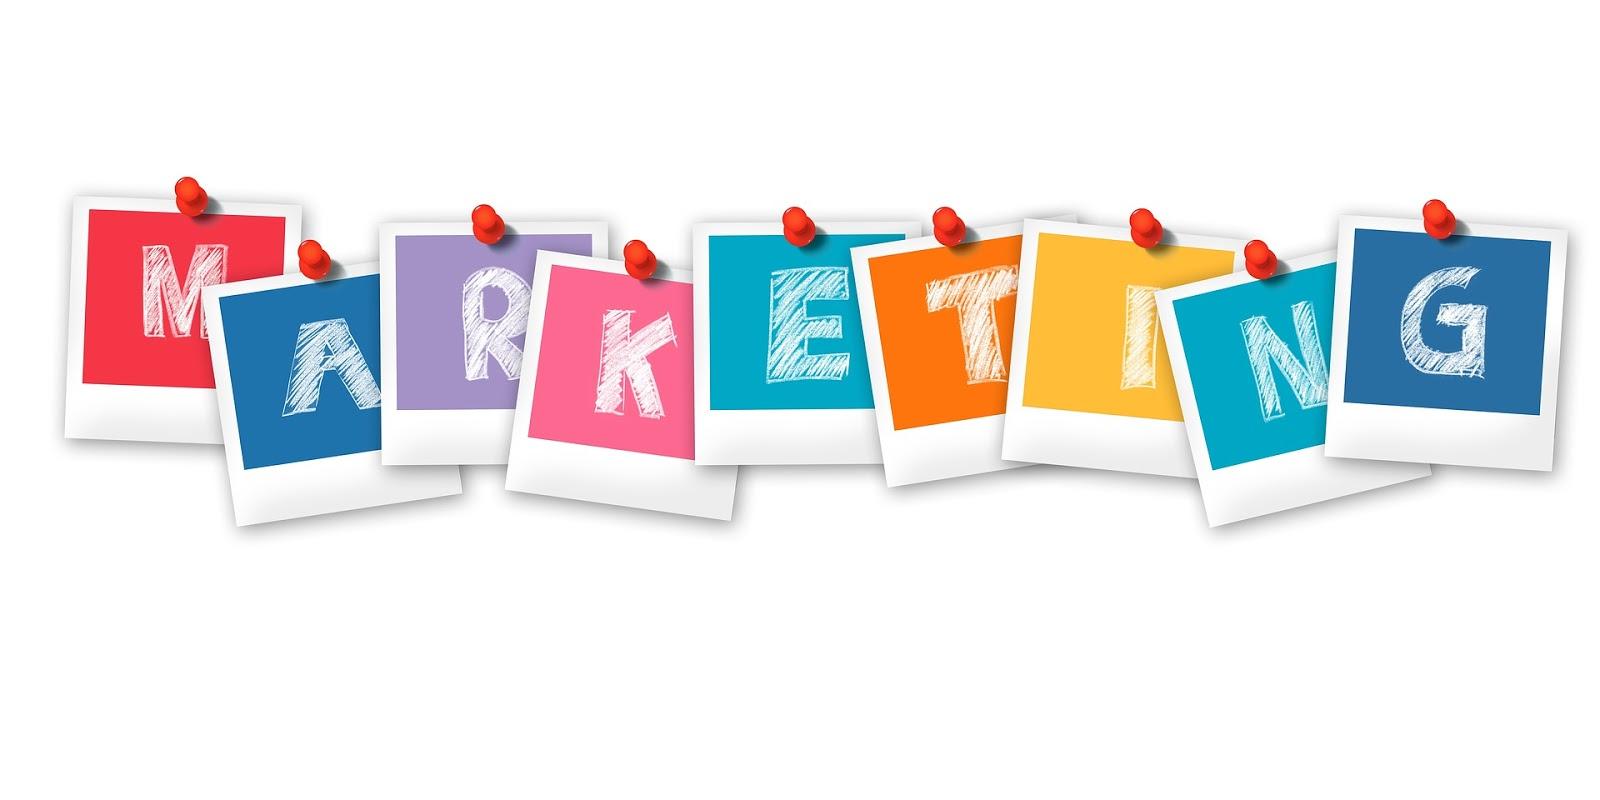 adapter sa communication sur les réseaux sociaux pour trouver des clients